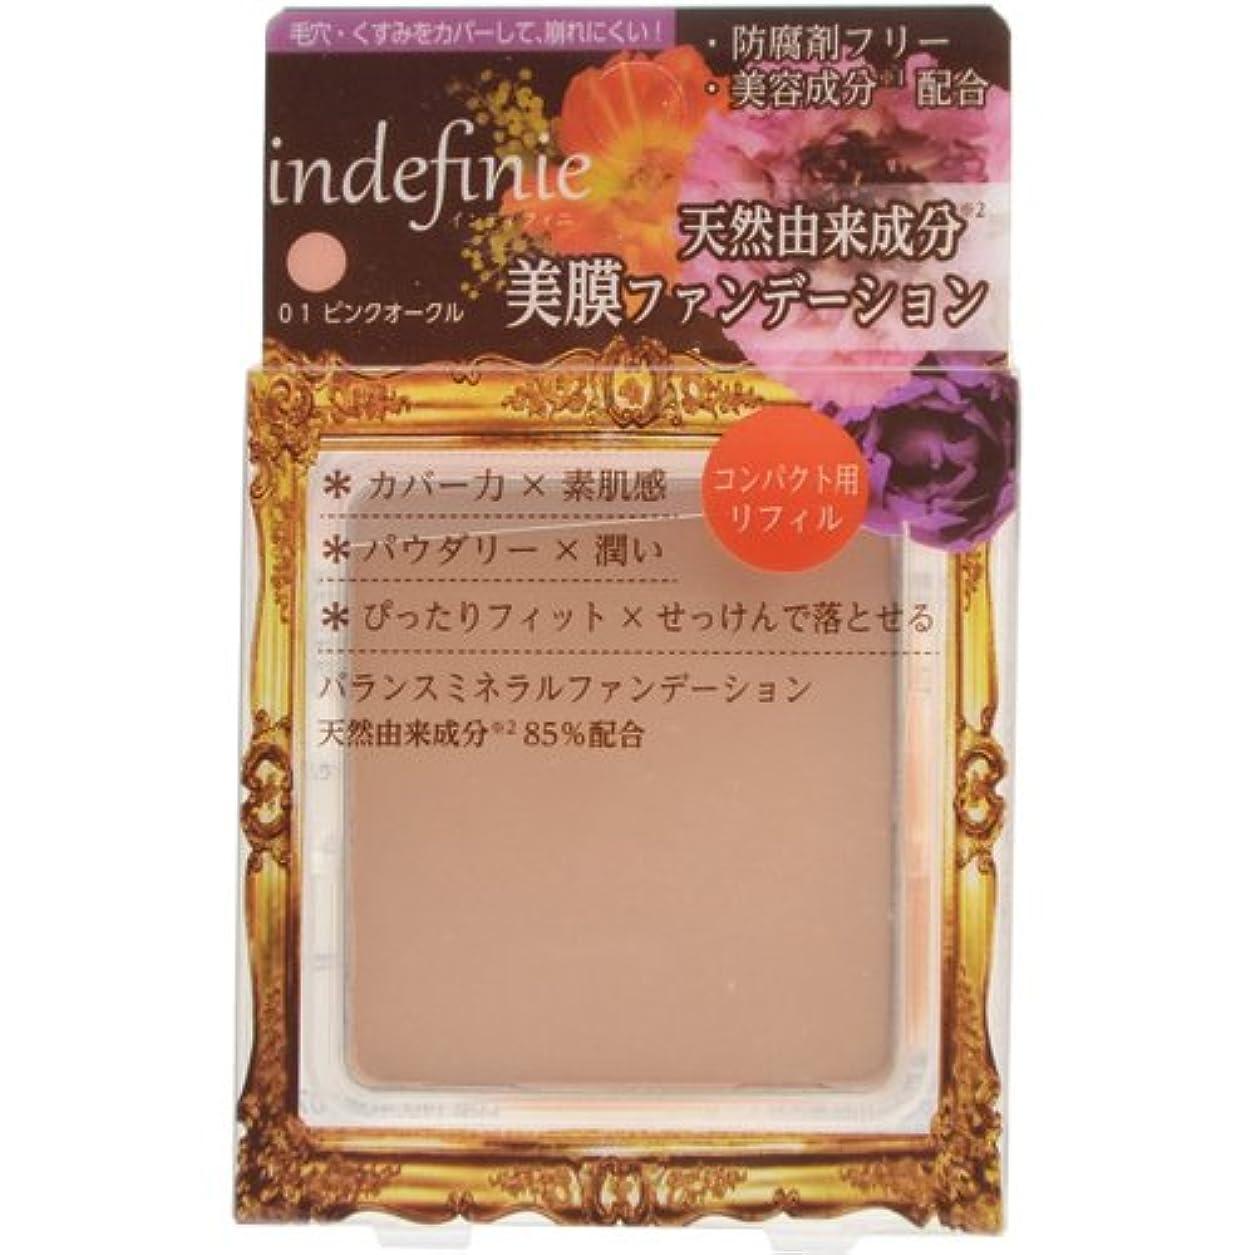 懐形コードインディフィニ ミネラルファンデーション(リフィル) ピンクオークル 15g